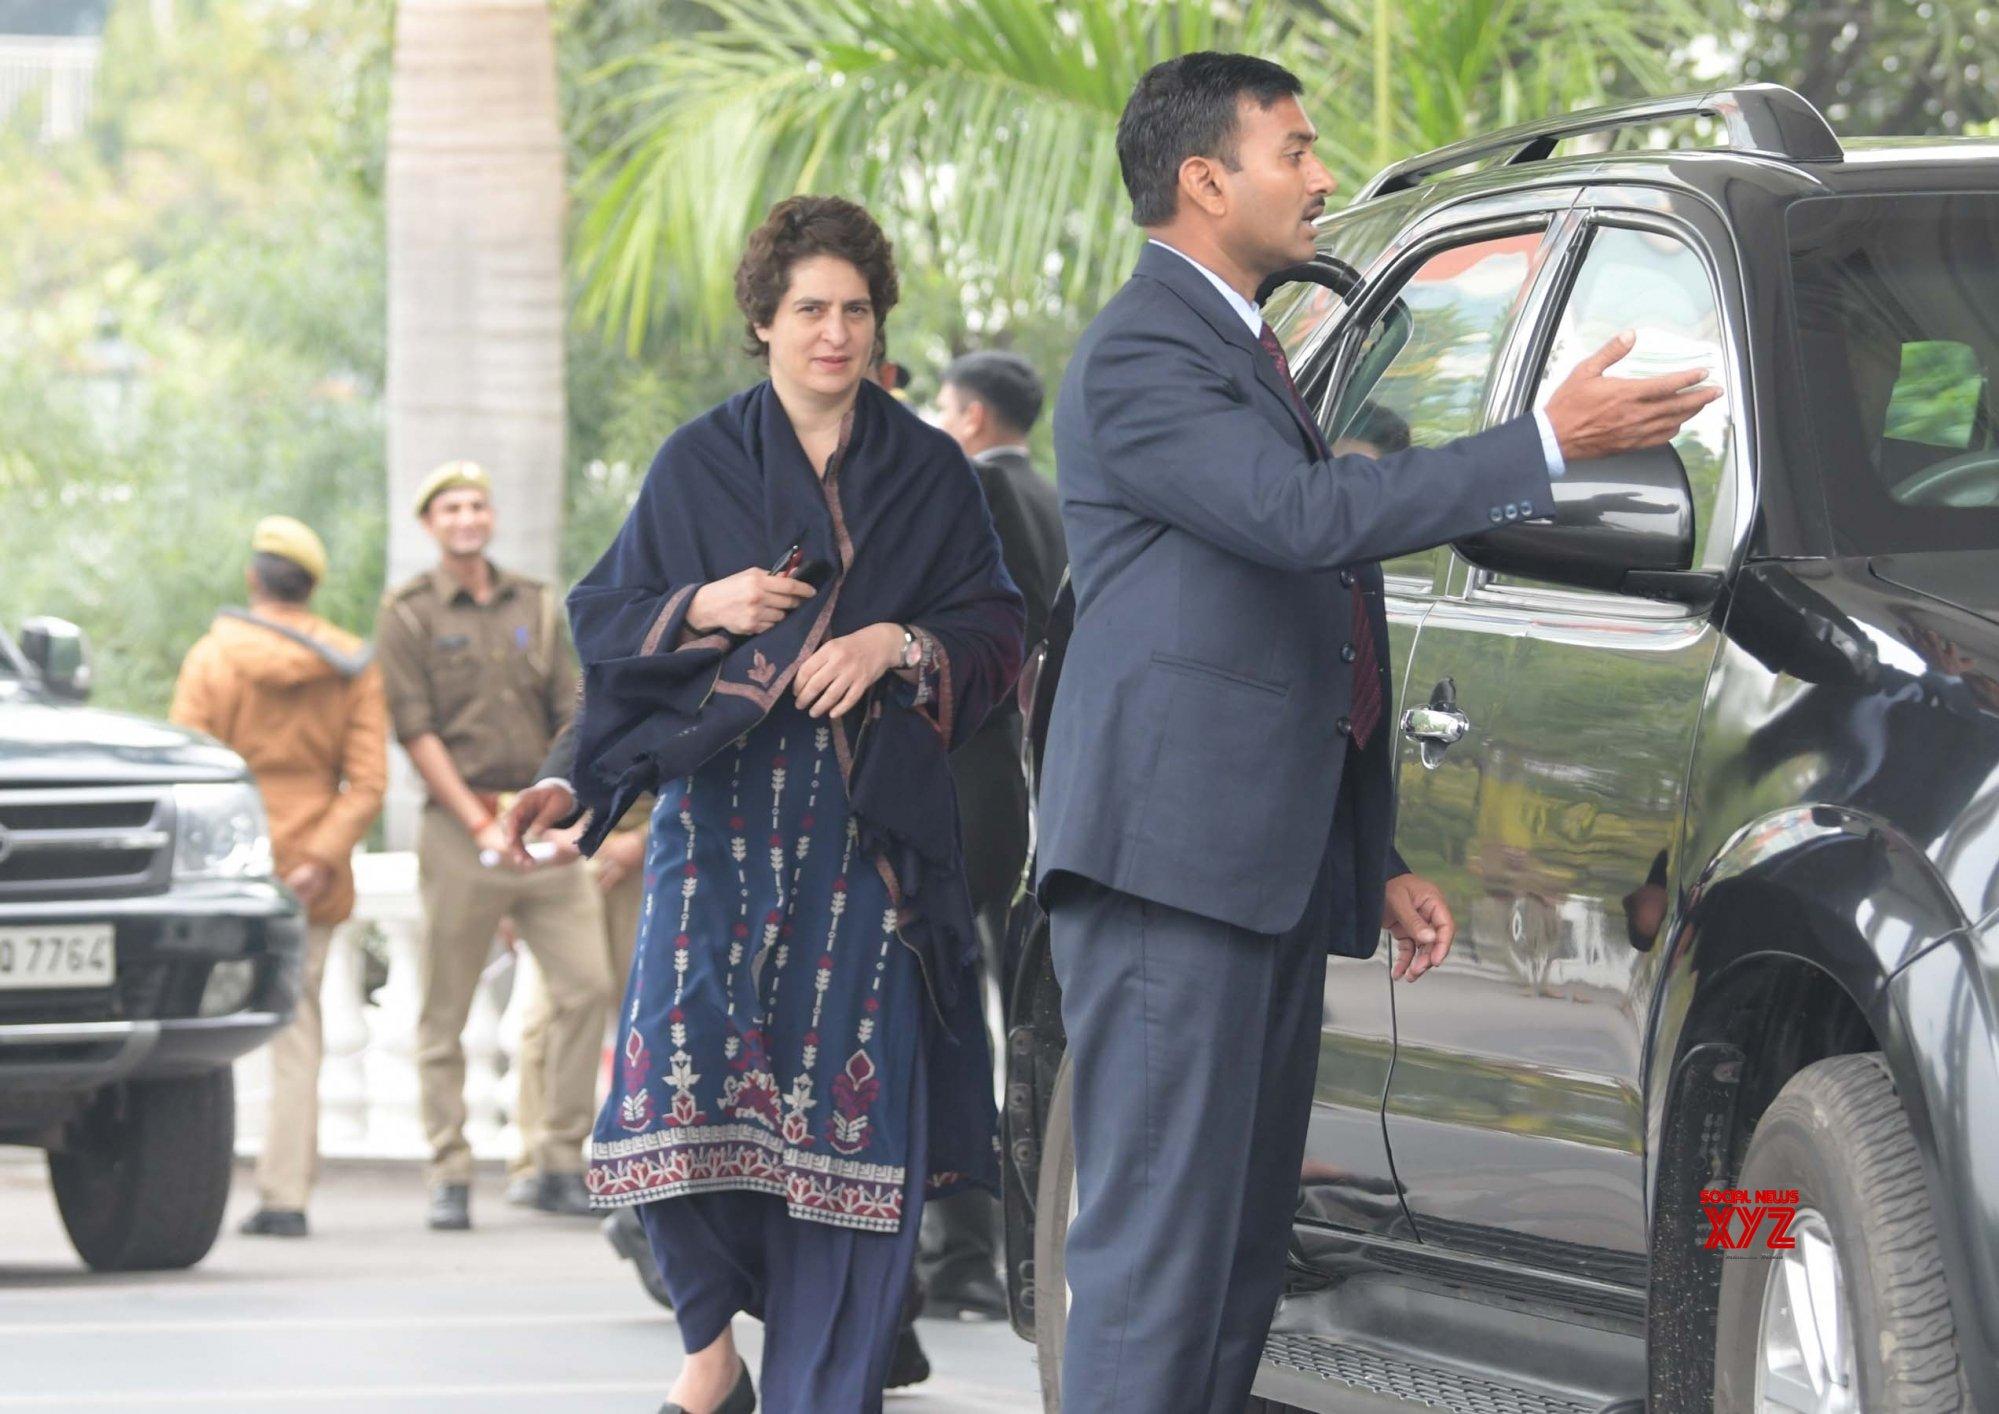 New Delhi: Priyanka Gandhi Vadra at Congress office #Gallery